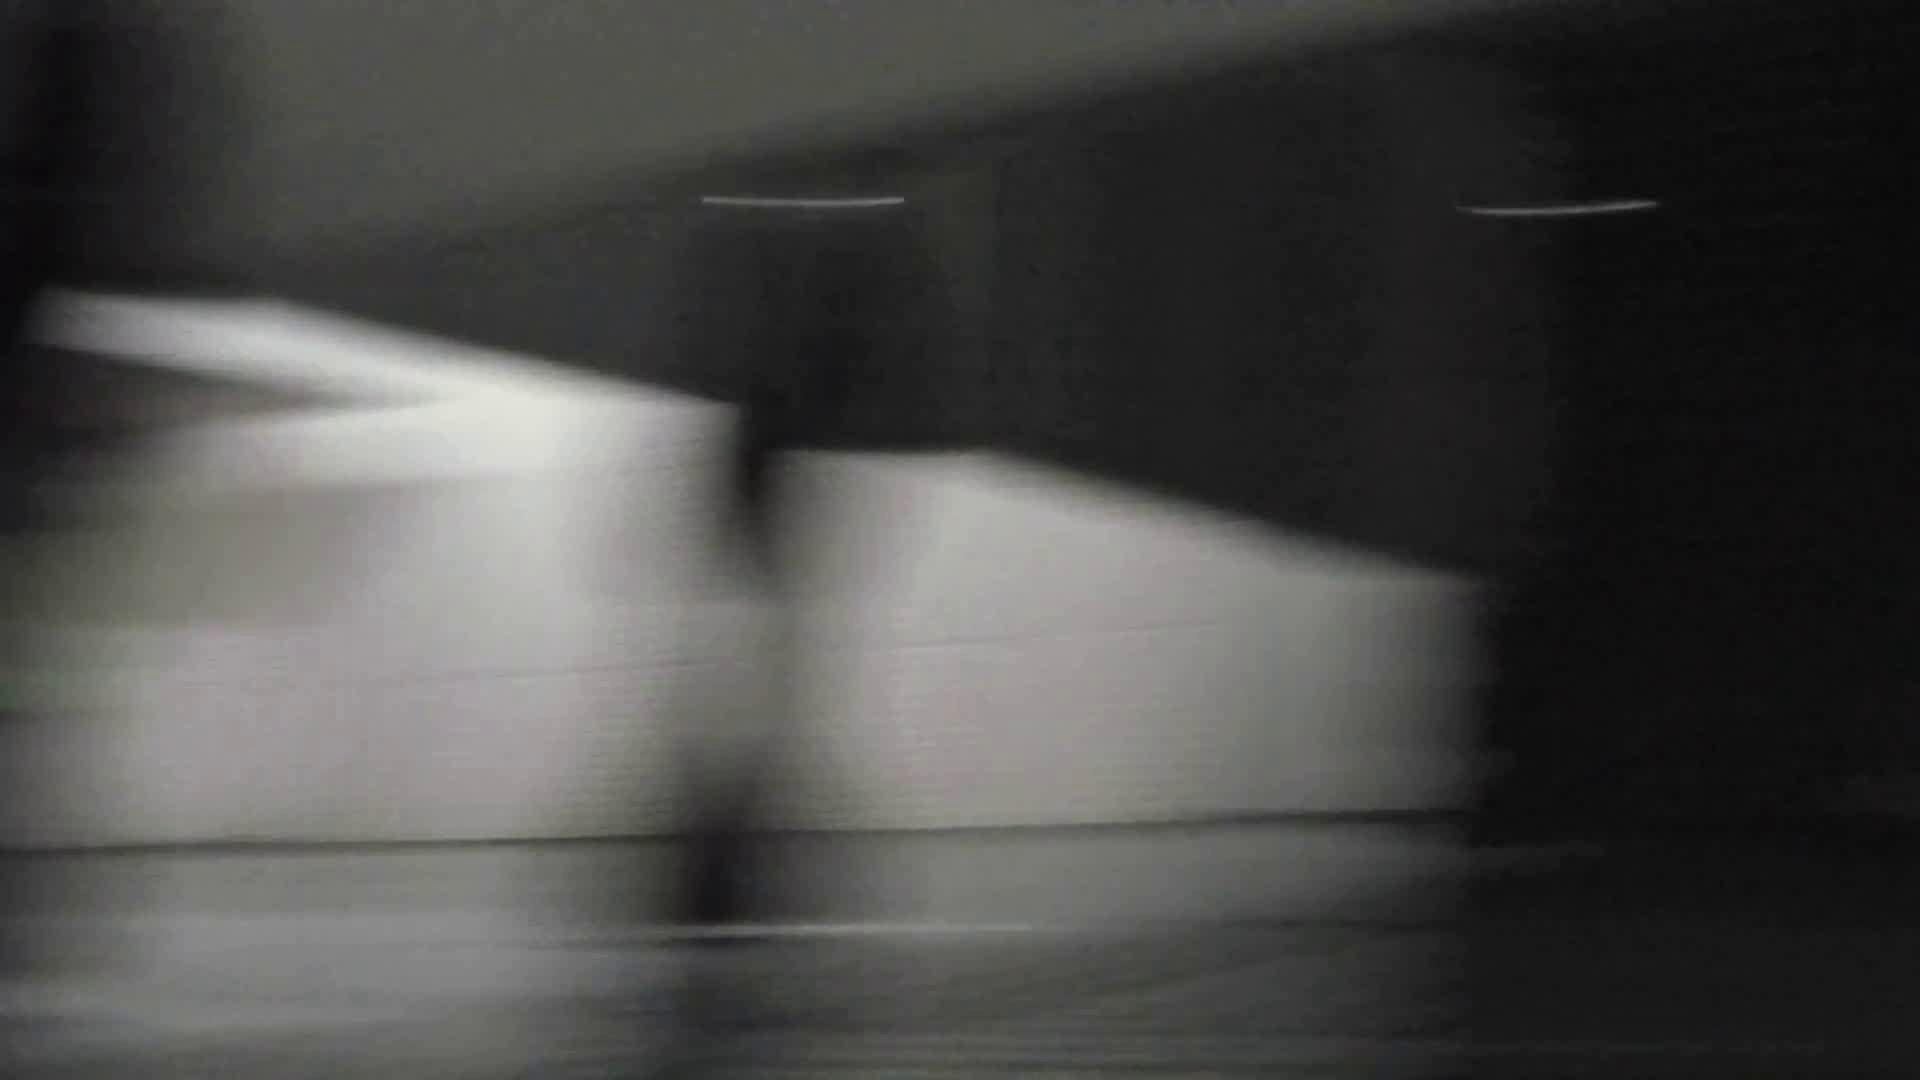 【日本成人用品展览会。超模如云】vol.01 着替|空爆 潜入突撃 | 着替え  103pic 7